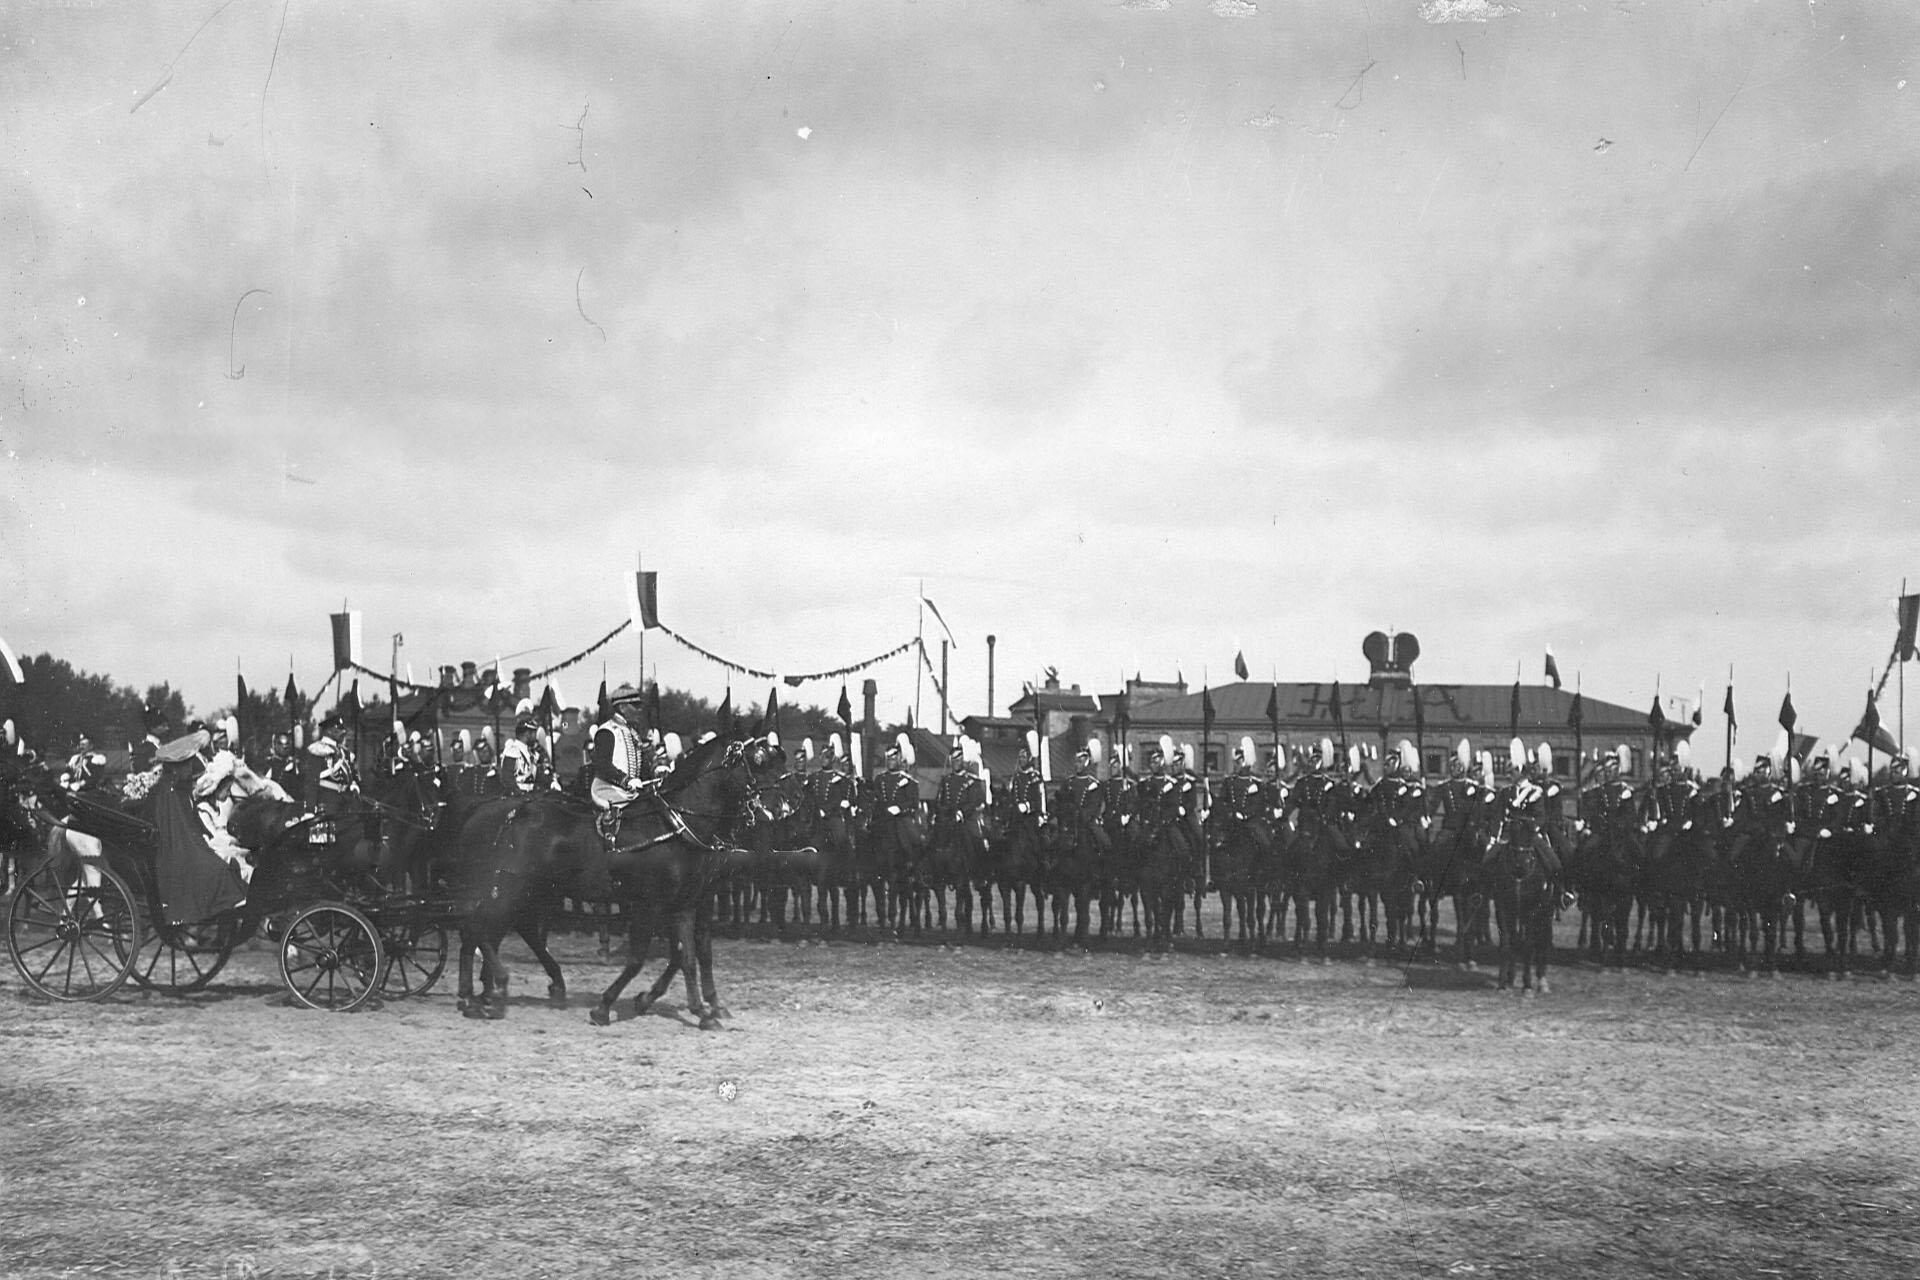 Император Николай II  и императрица Александра Федоровна с дочерью объезжают фронт  выстроившегося для парада полка в день празднования 250-летнего юбилея полка